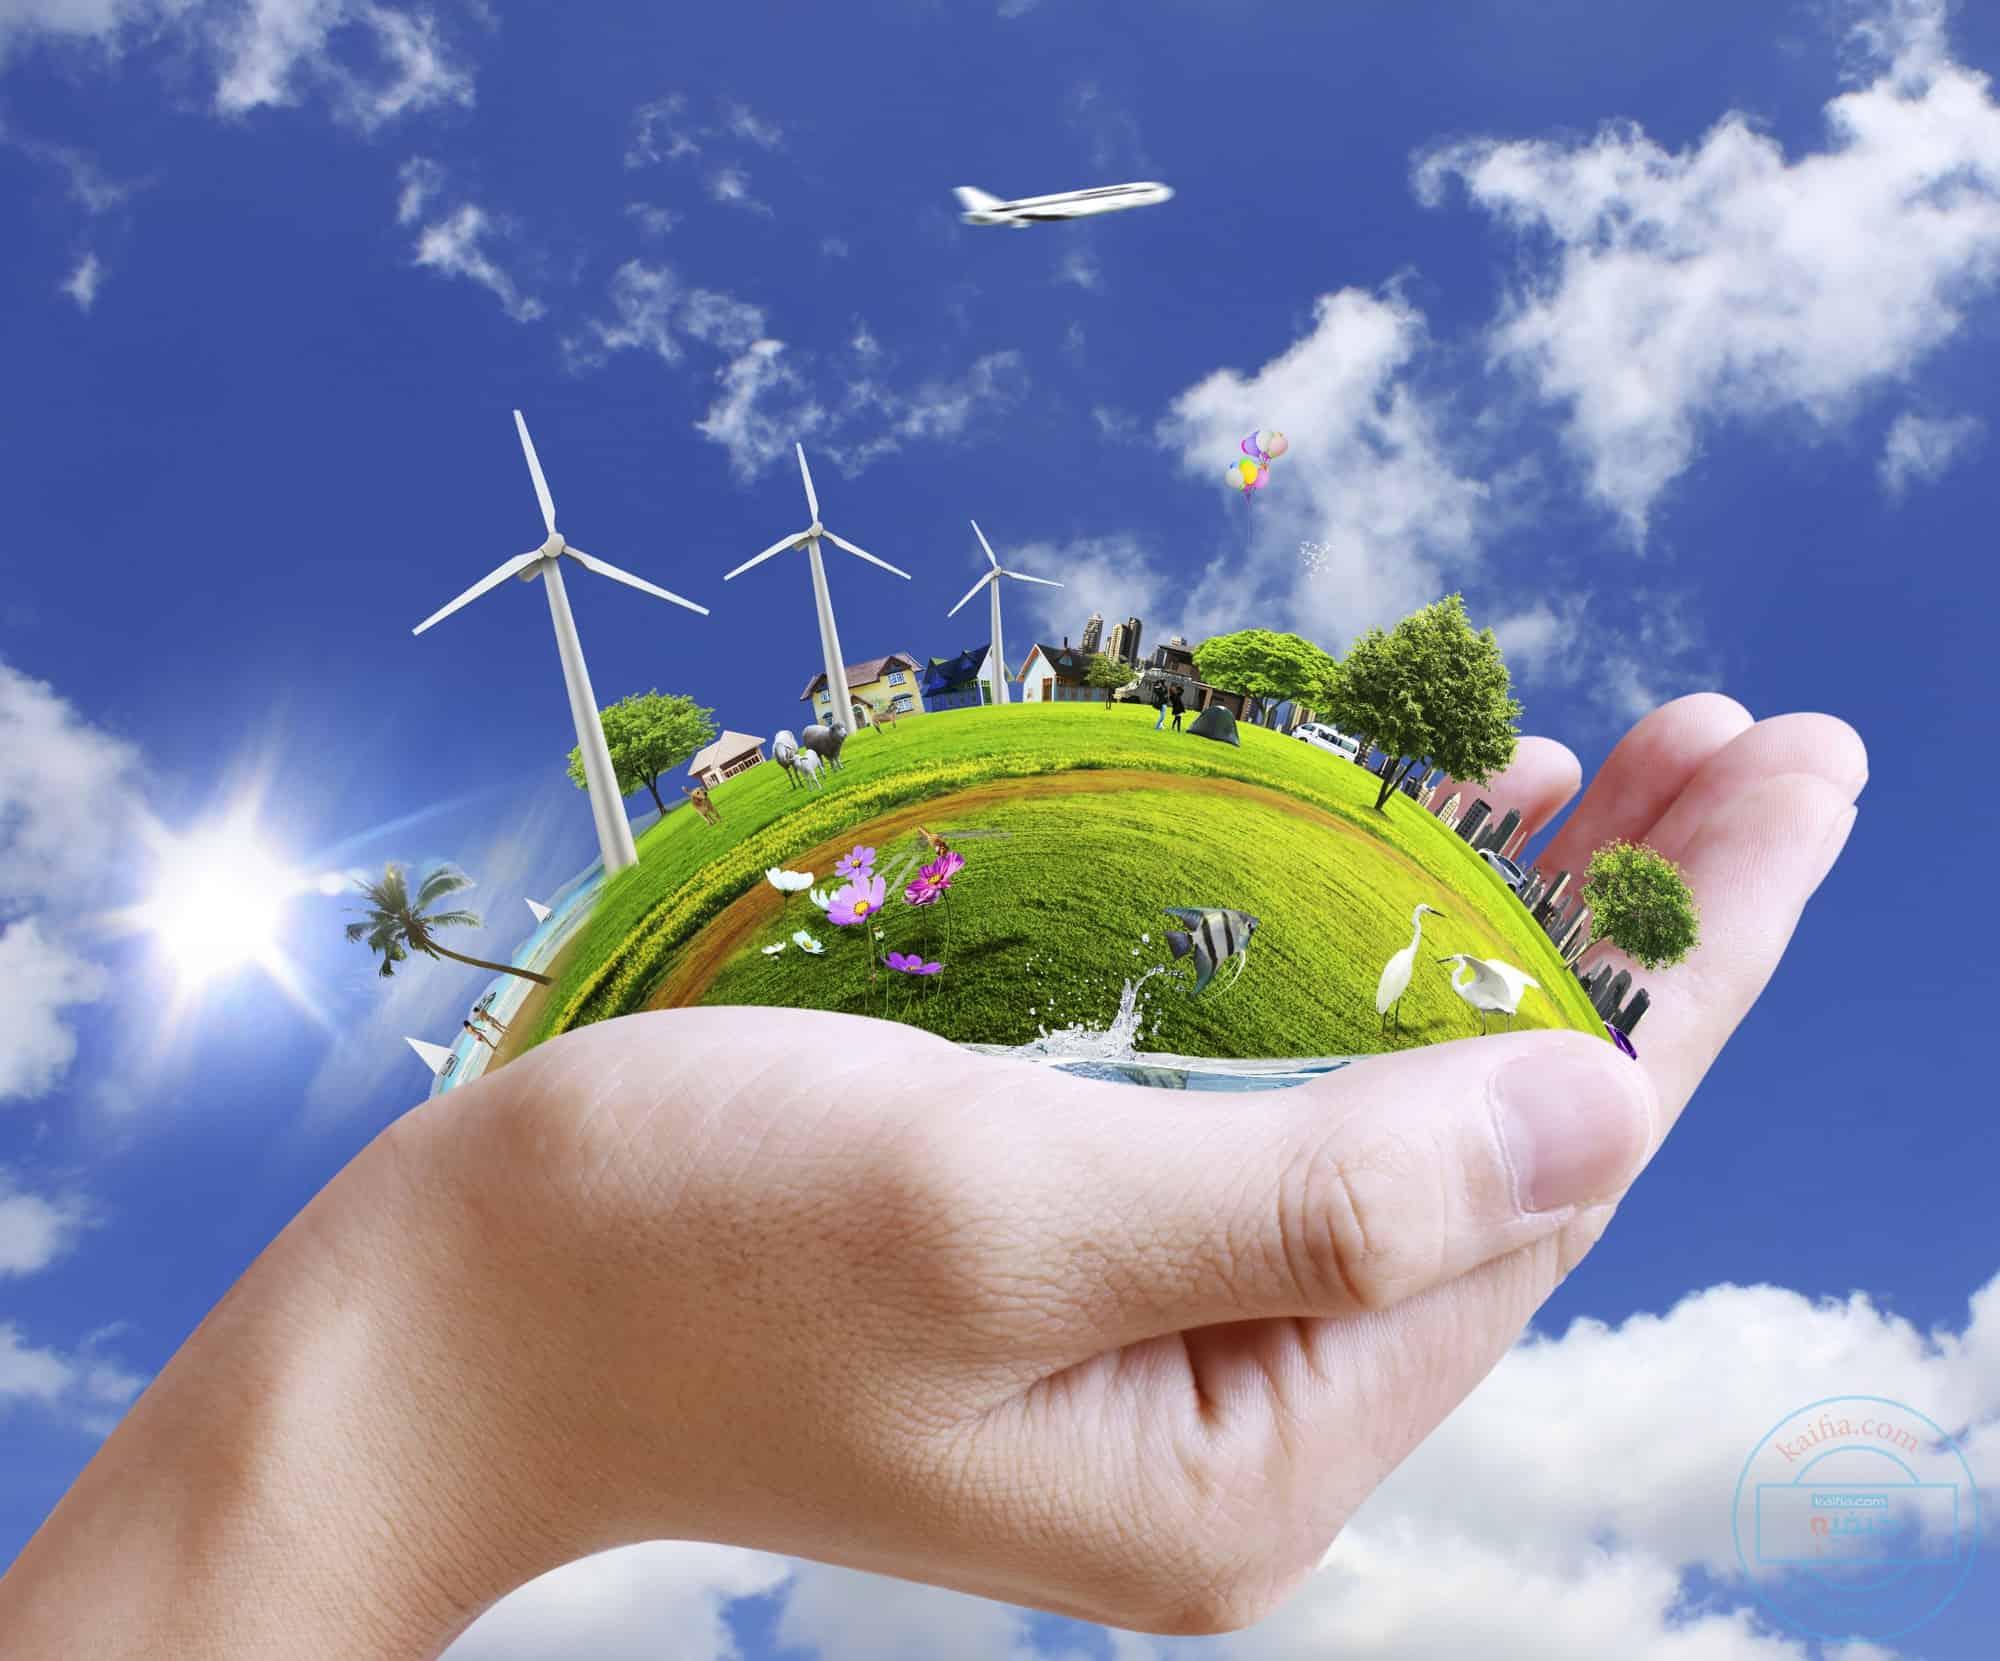 المحافظة على البيئة